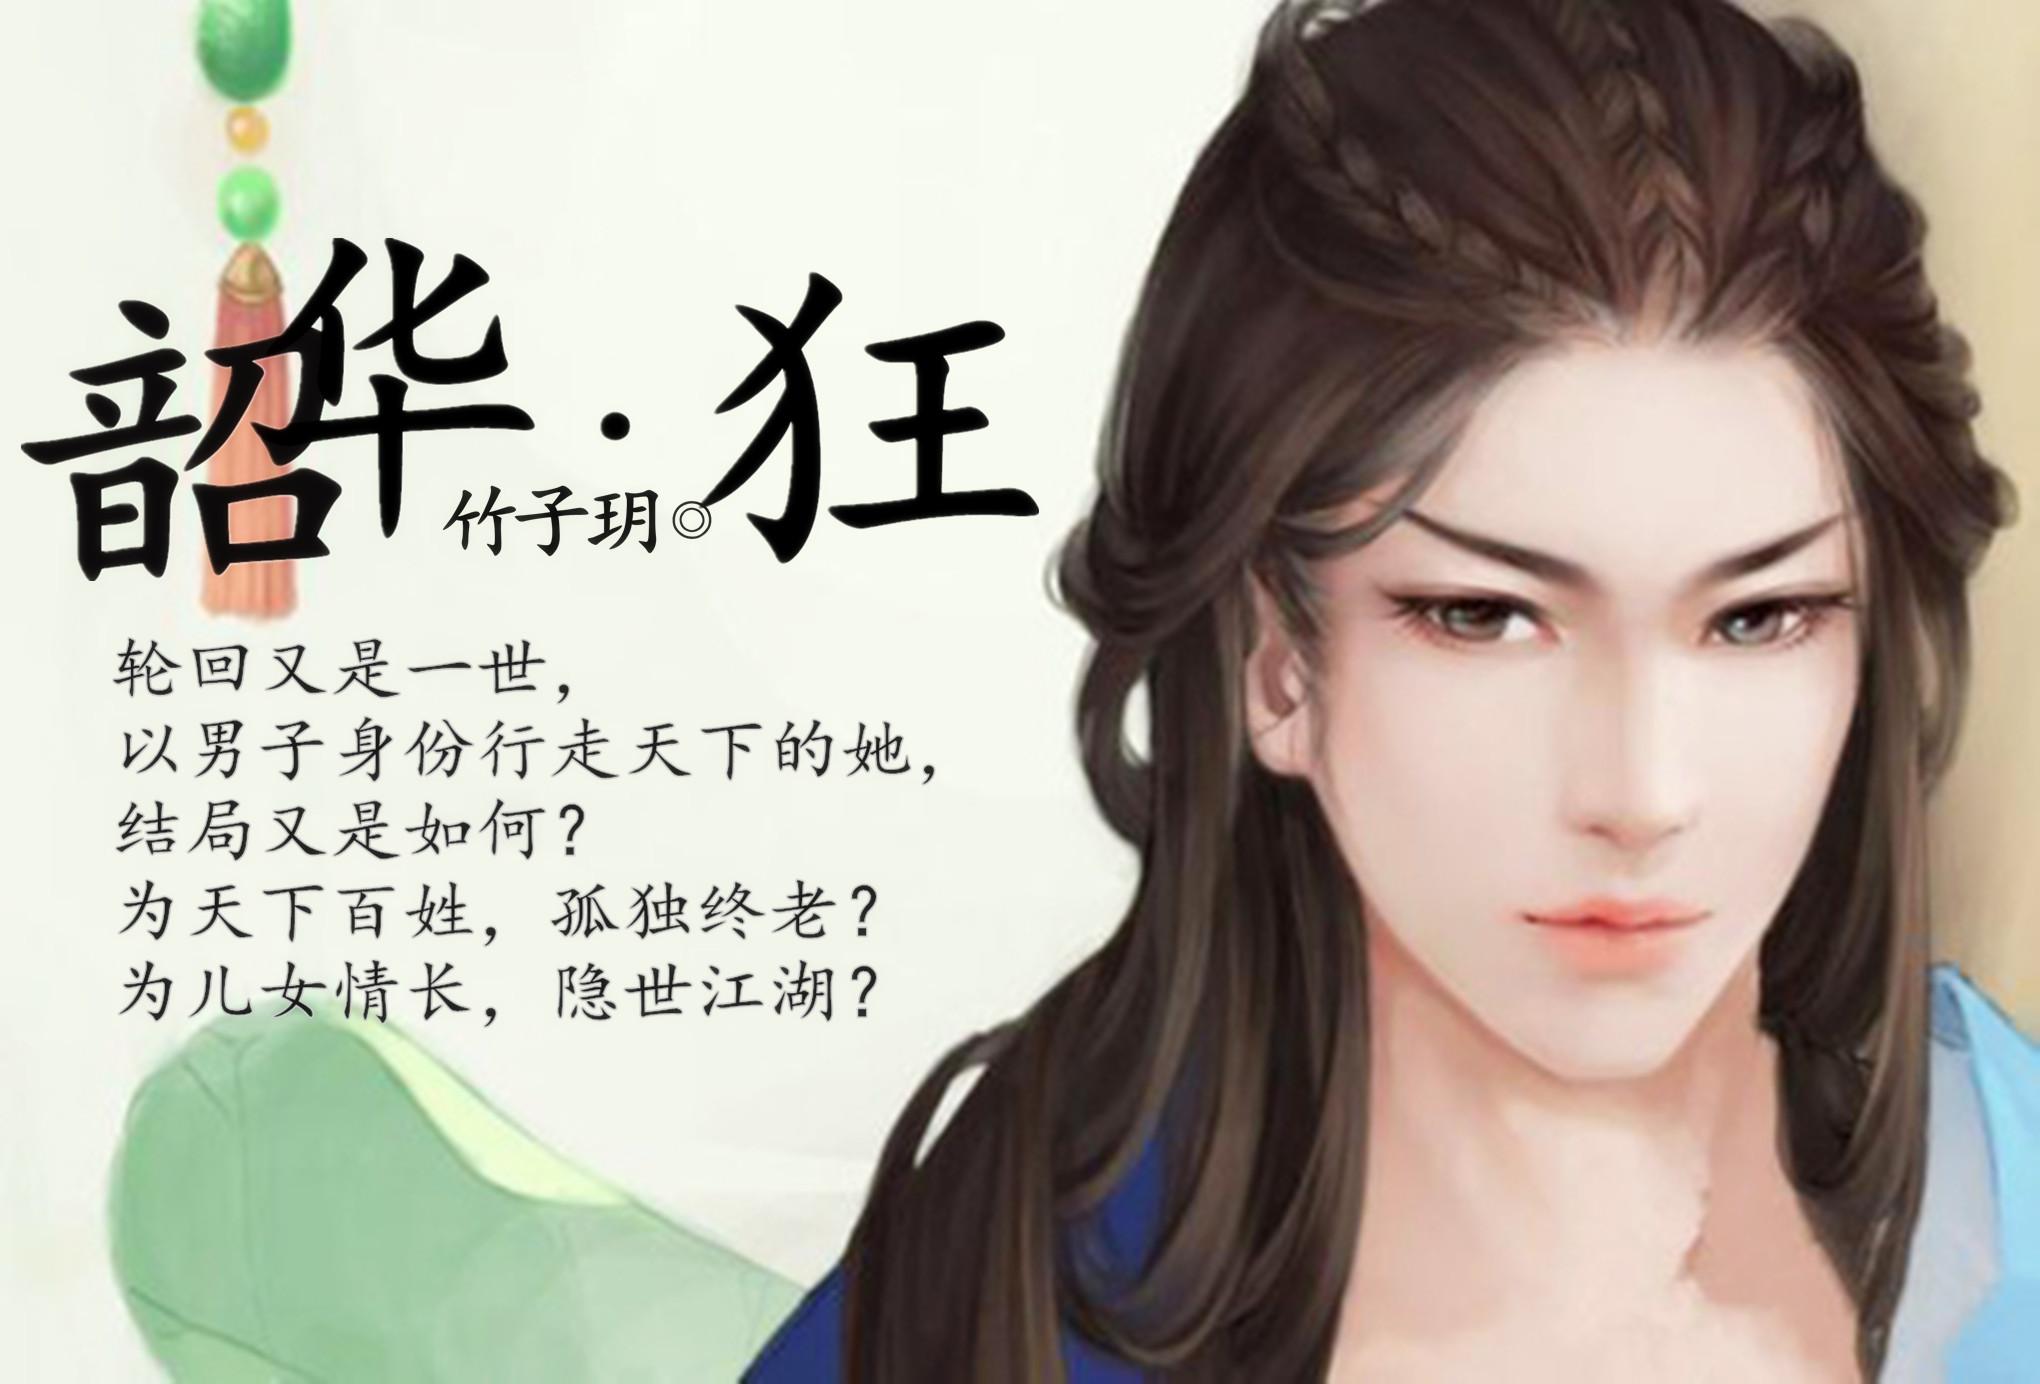 古代女将军gl小说_女扮男装GL小说。女的喜欢女的,包括女女生子文,古代现代都 ...